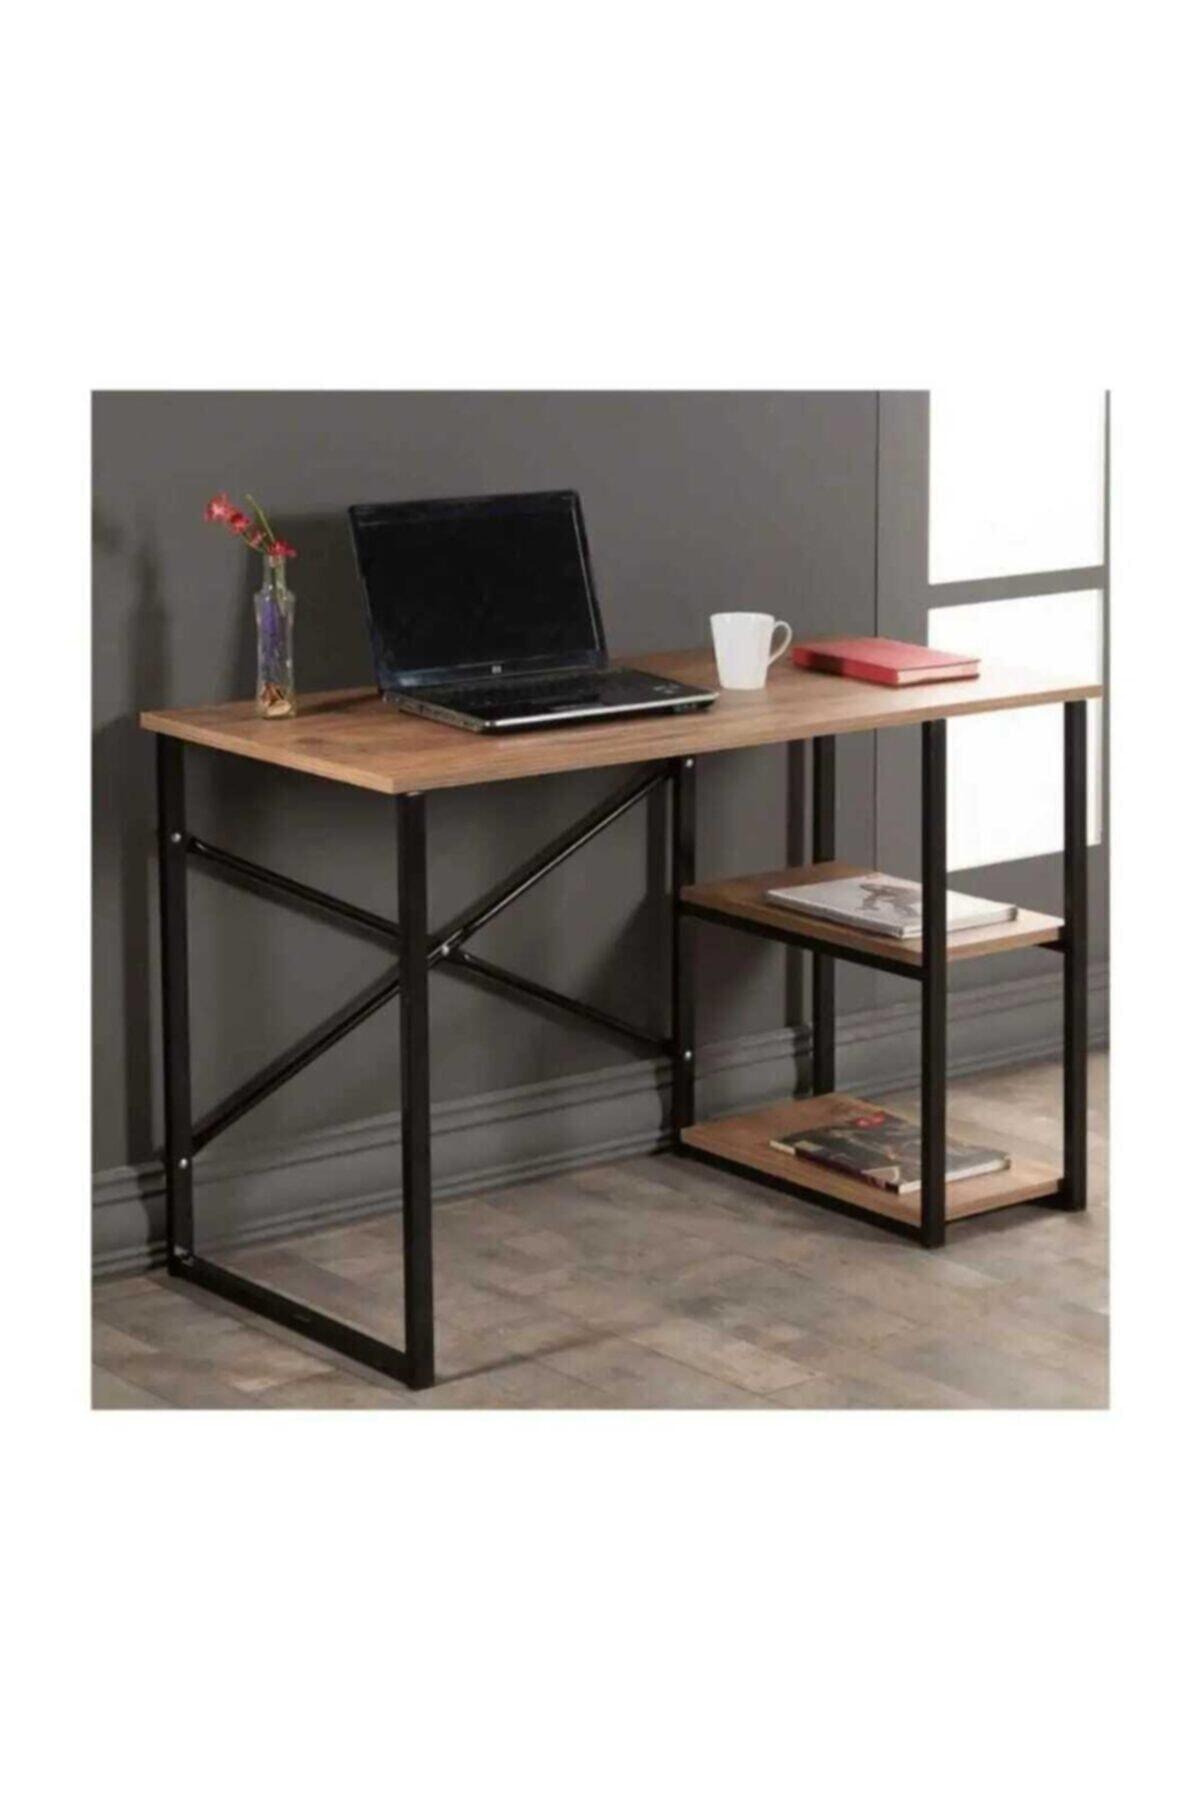 Mavera Home Çalışma Masası Ceviz Renk Bilgisayar Ve Laptop Masası Çalışma Ofis Masası 1